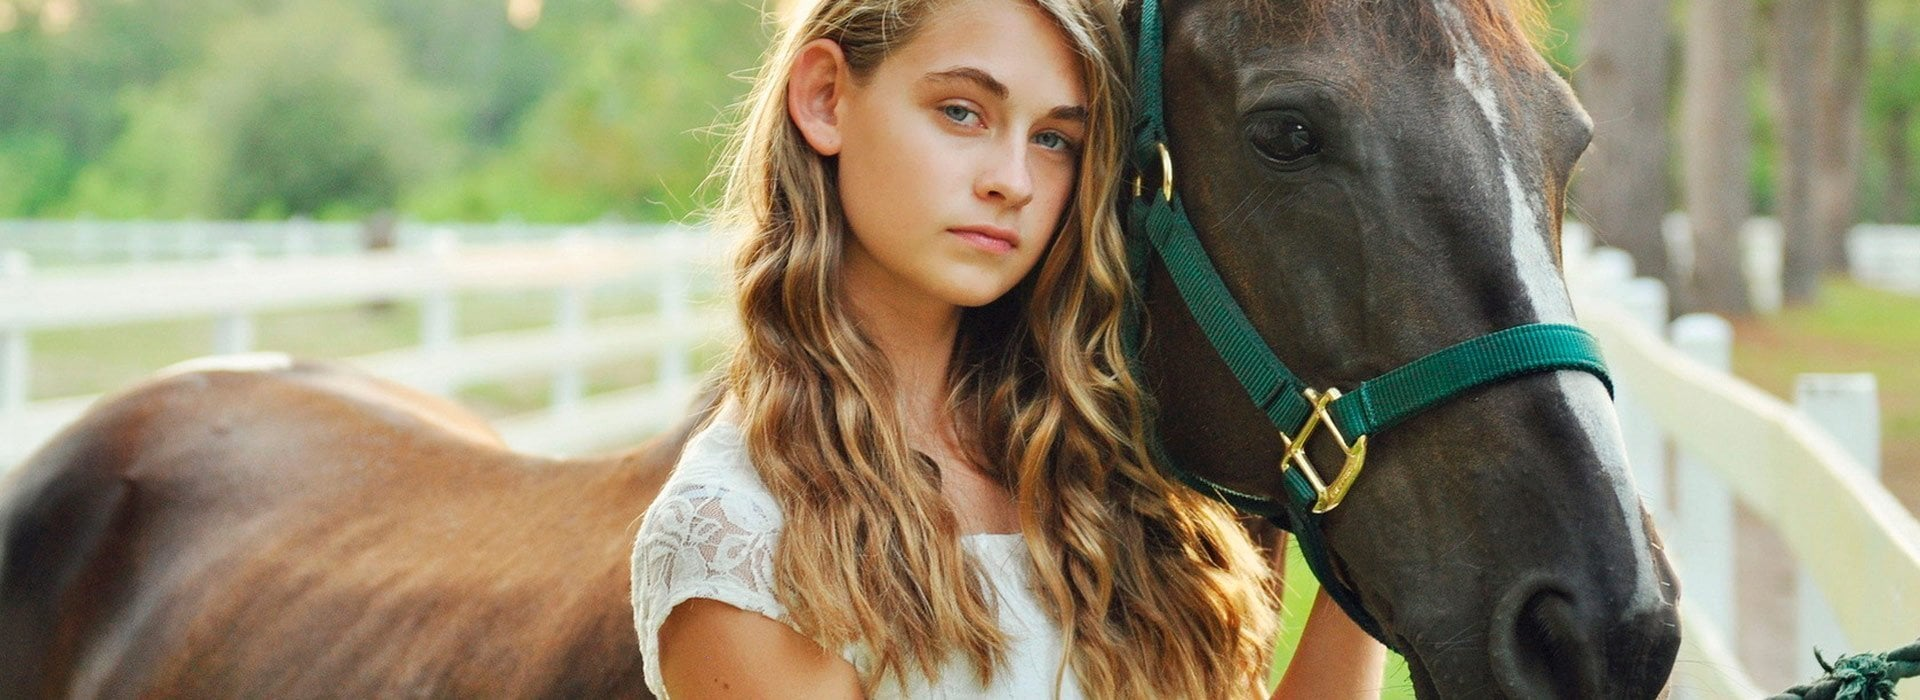 Seguros para Caballos: Seguro responsabilidad civil para caballo 48euros